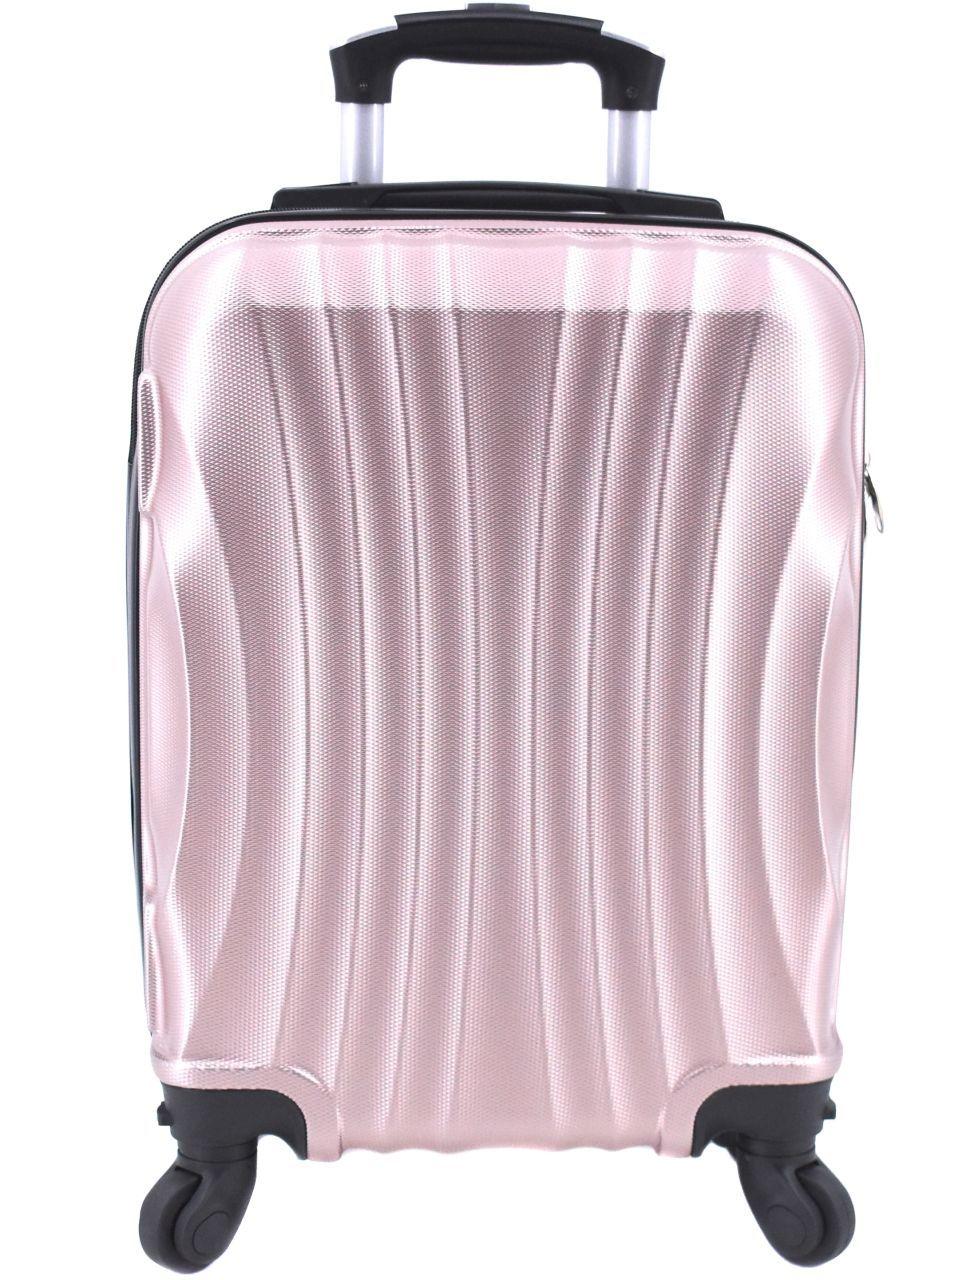 Cestovní palubní kufr Arteddy / 4 kolečka (XS) 30l - světle růžová 6020 (XS)